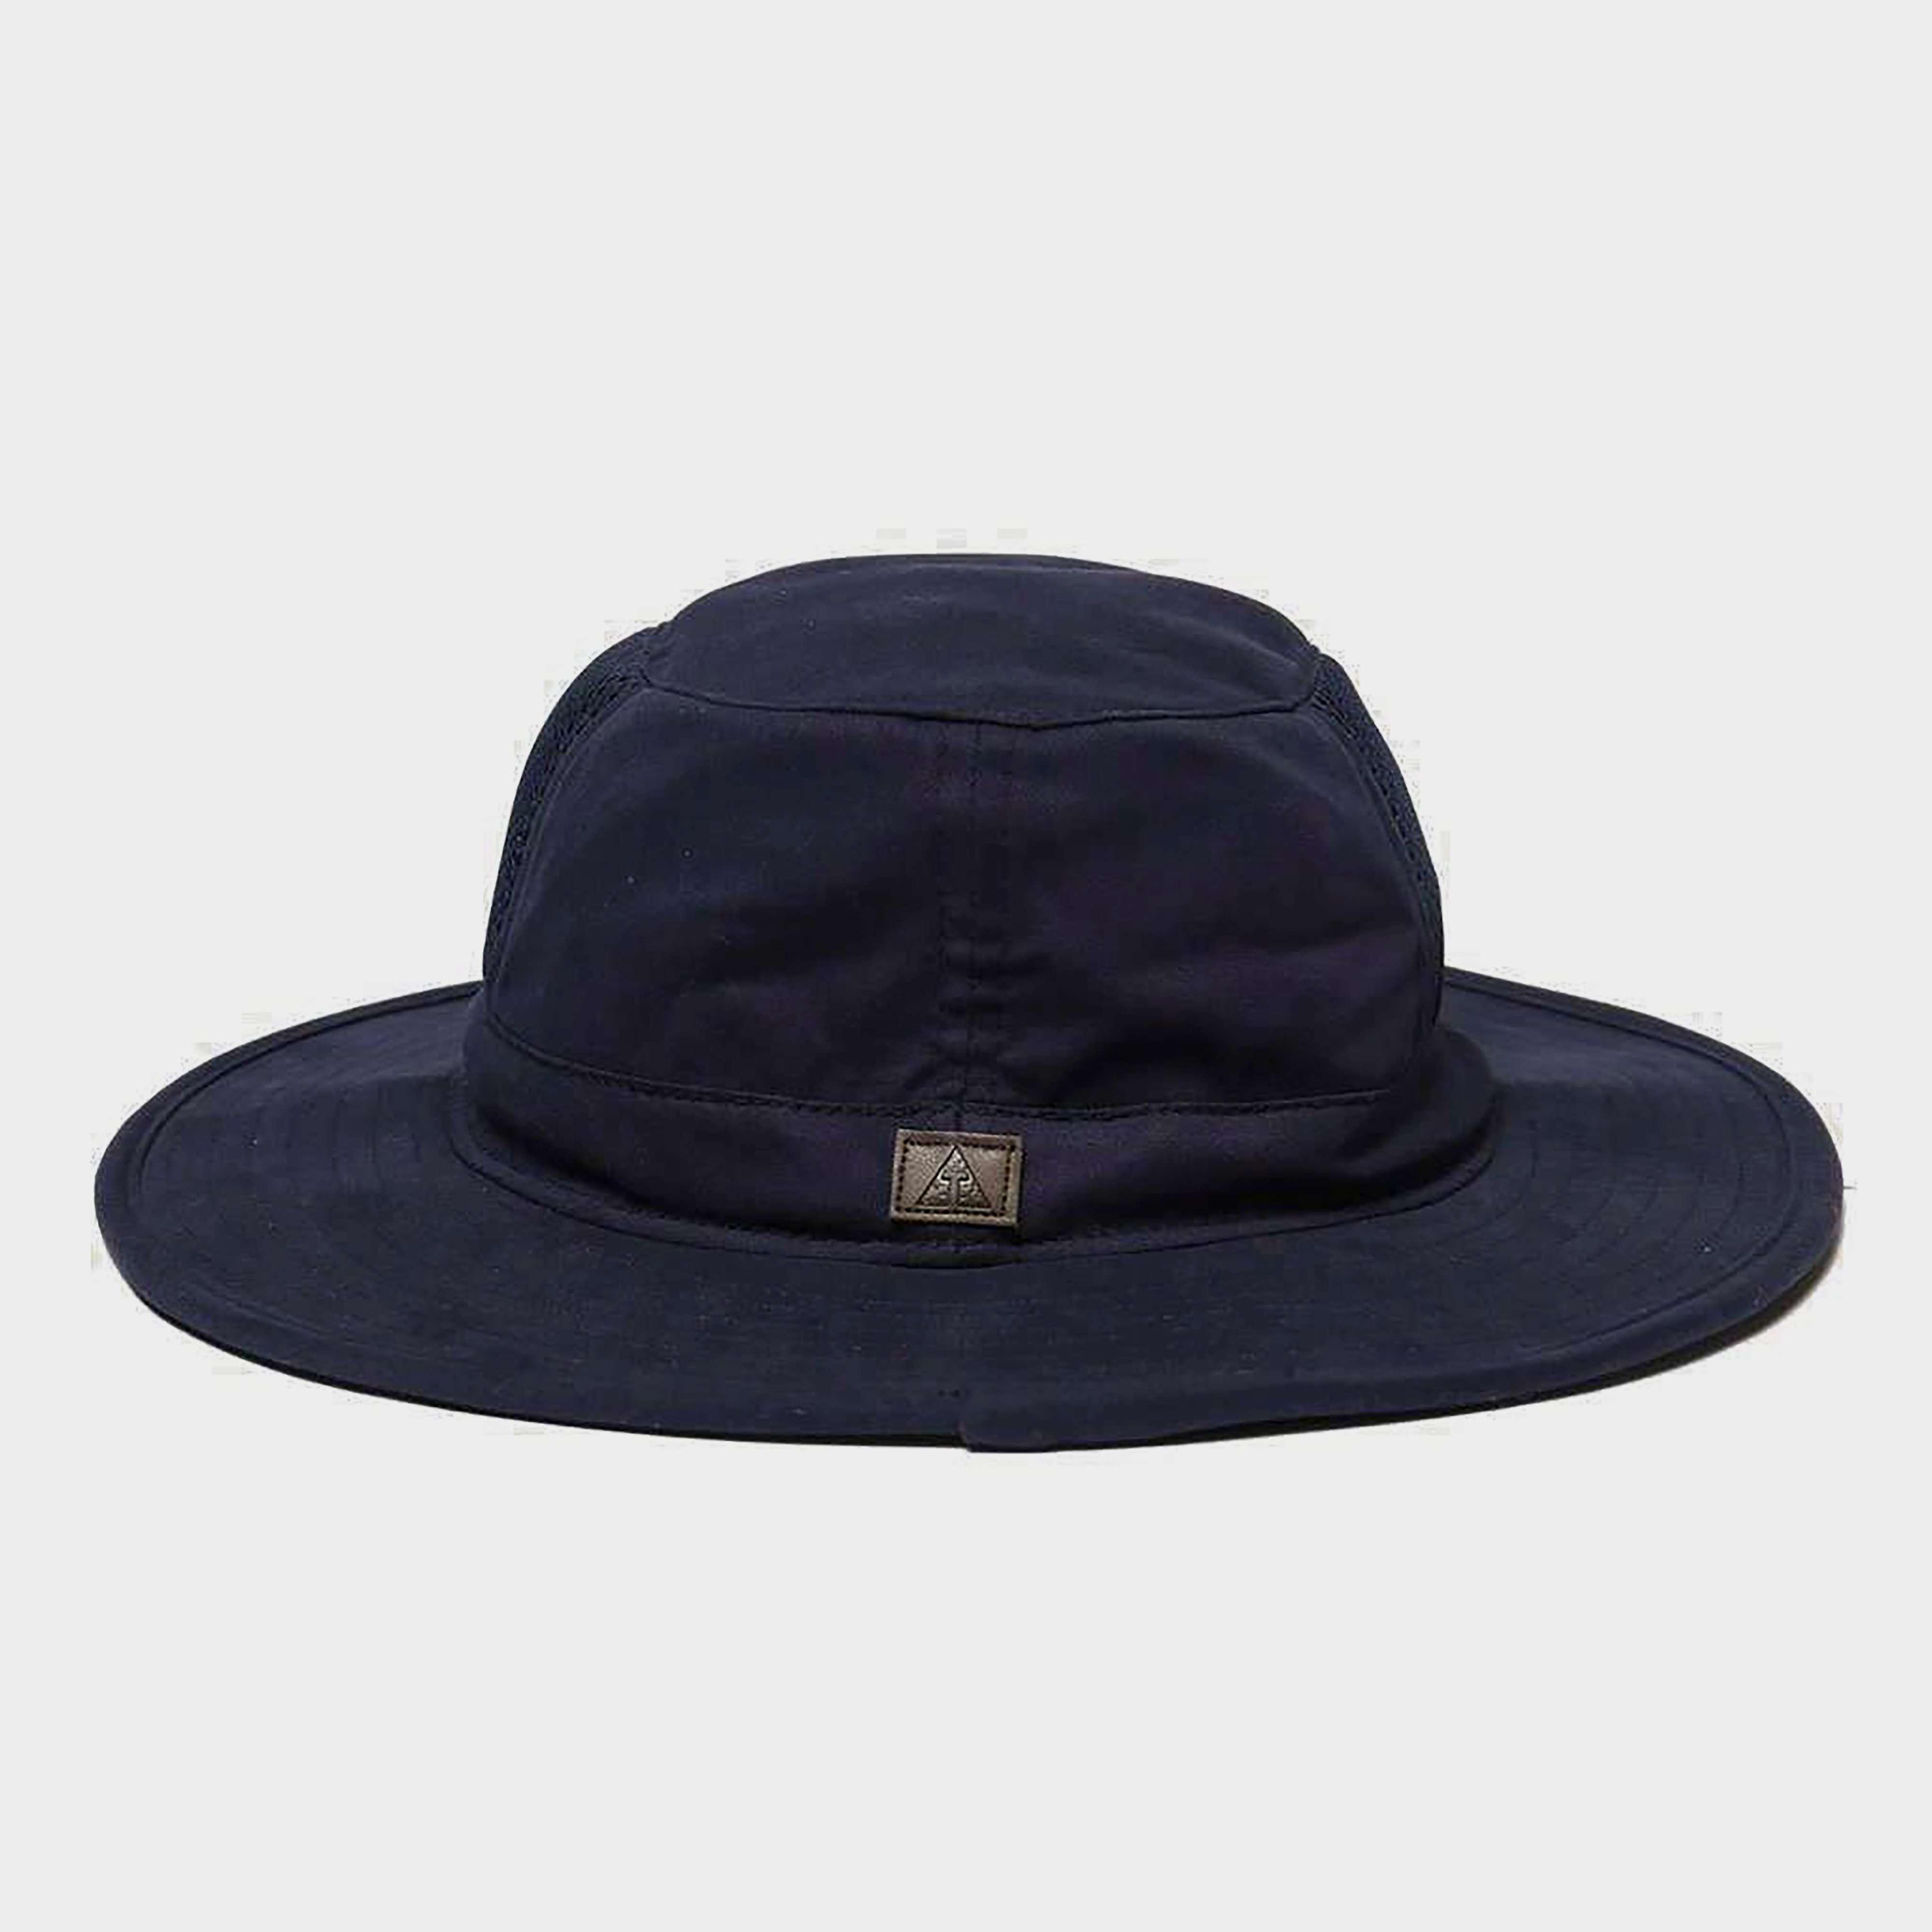 TECHNICALS Unisex Travel Ranger Hat